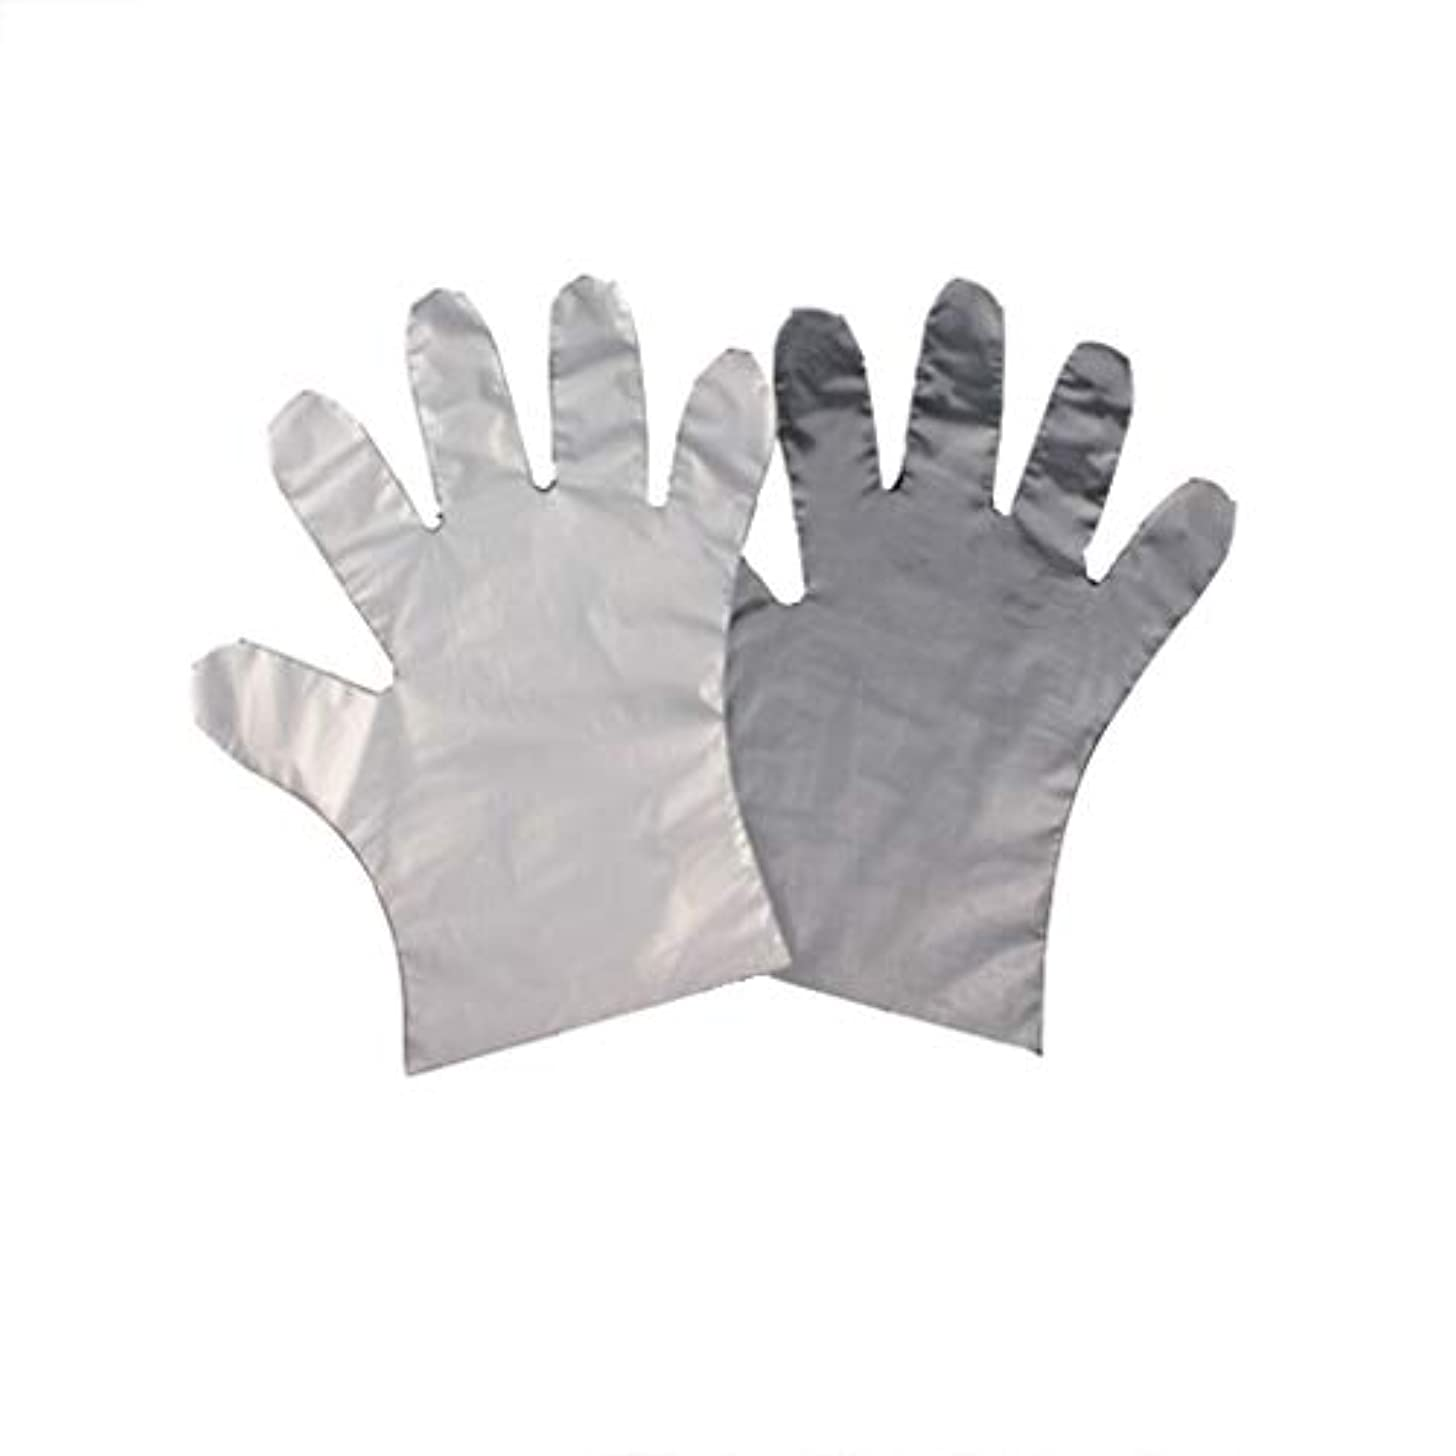 年次意気込みアサート手袋、使い捨てPE手袋、食品の肥厚、透明な2つのオープンポケット-600のみ。